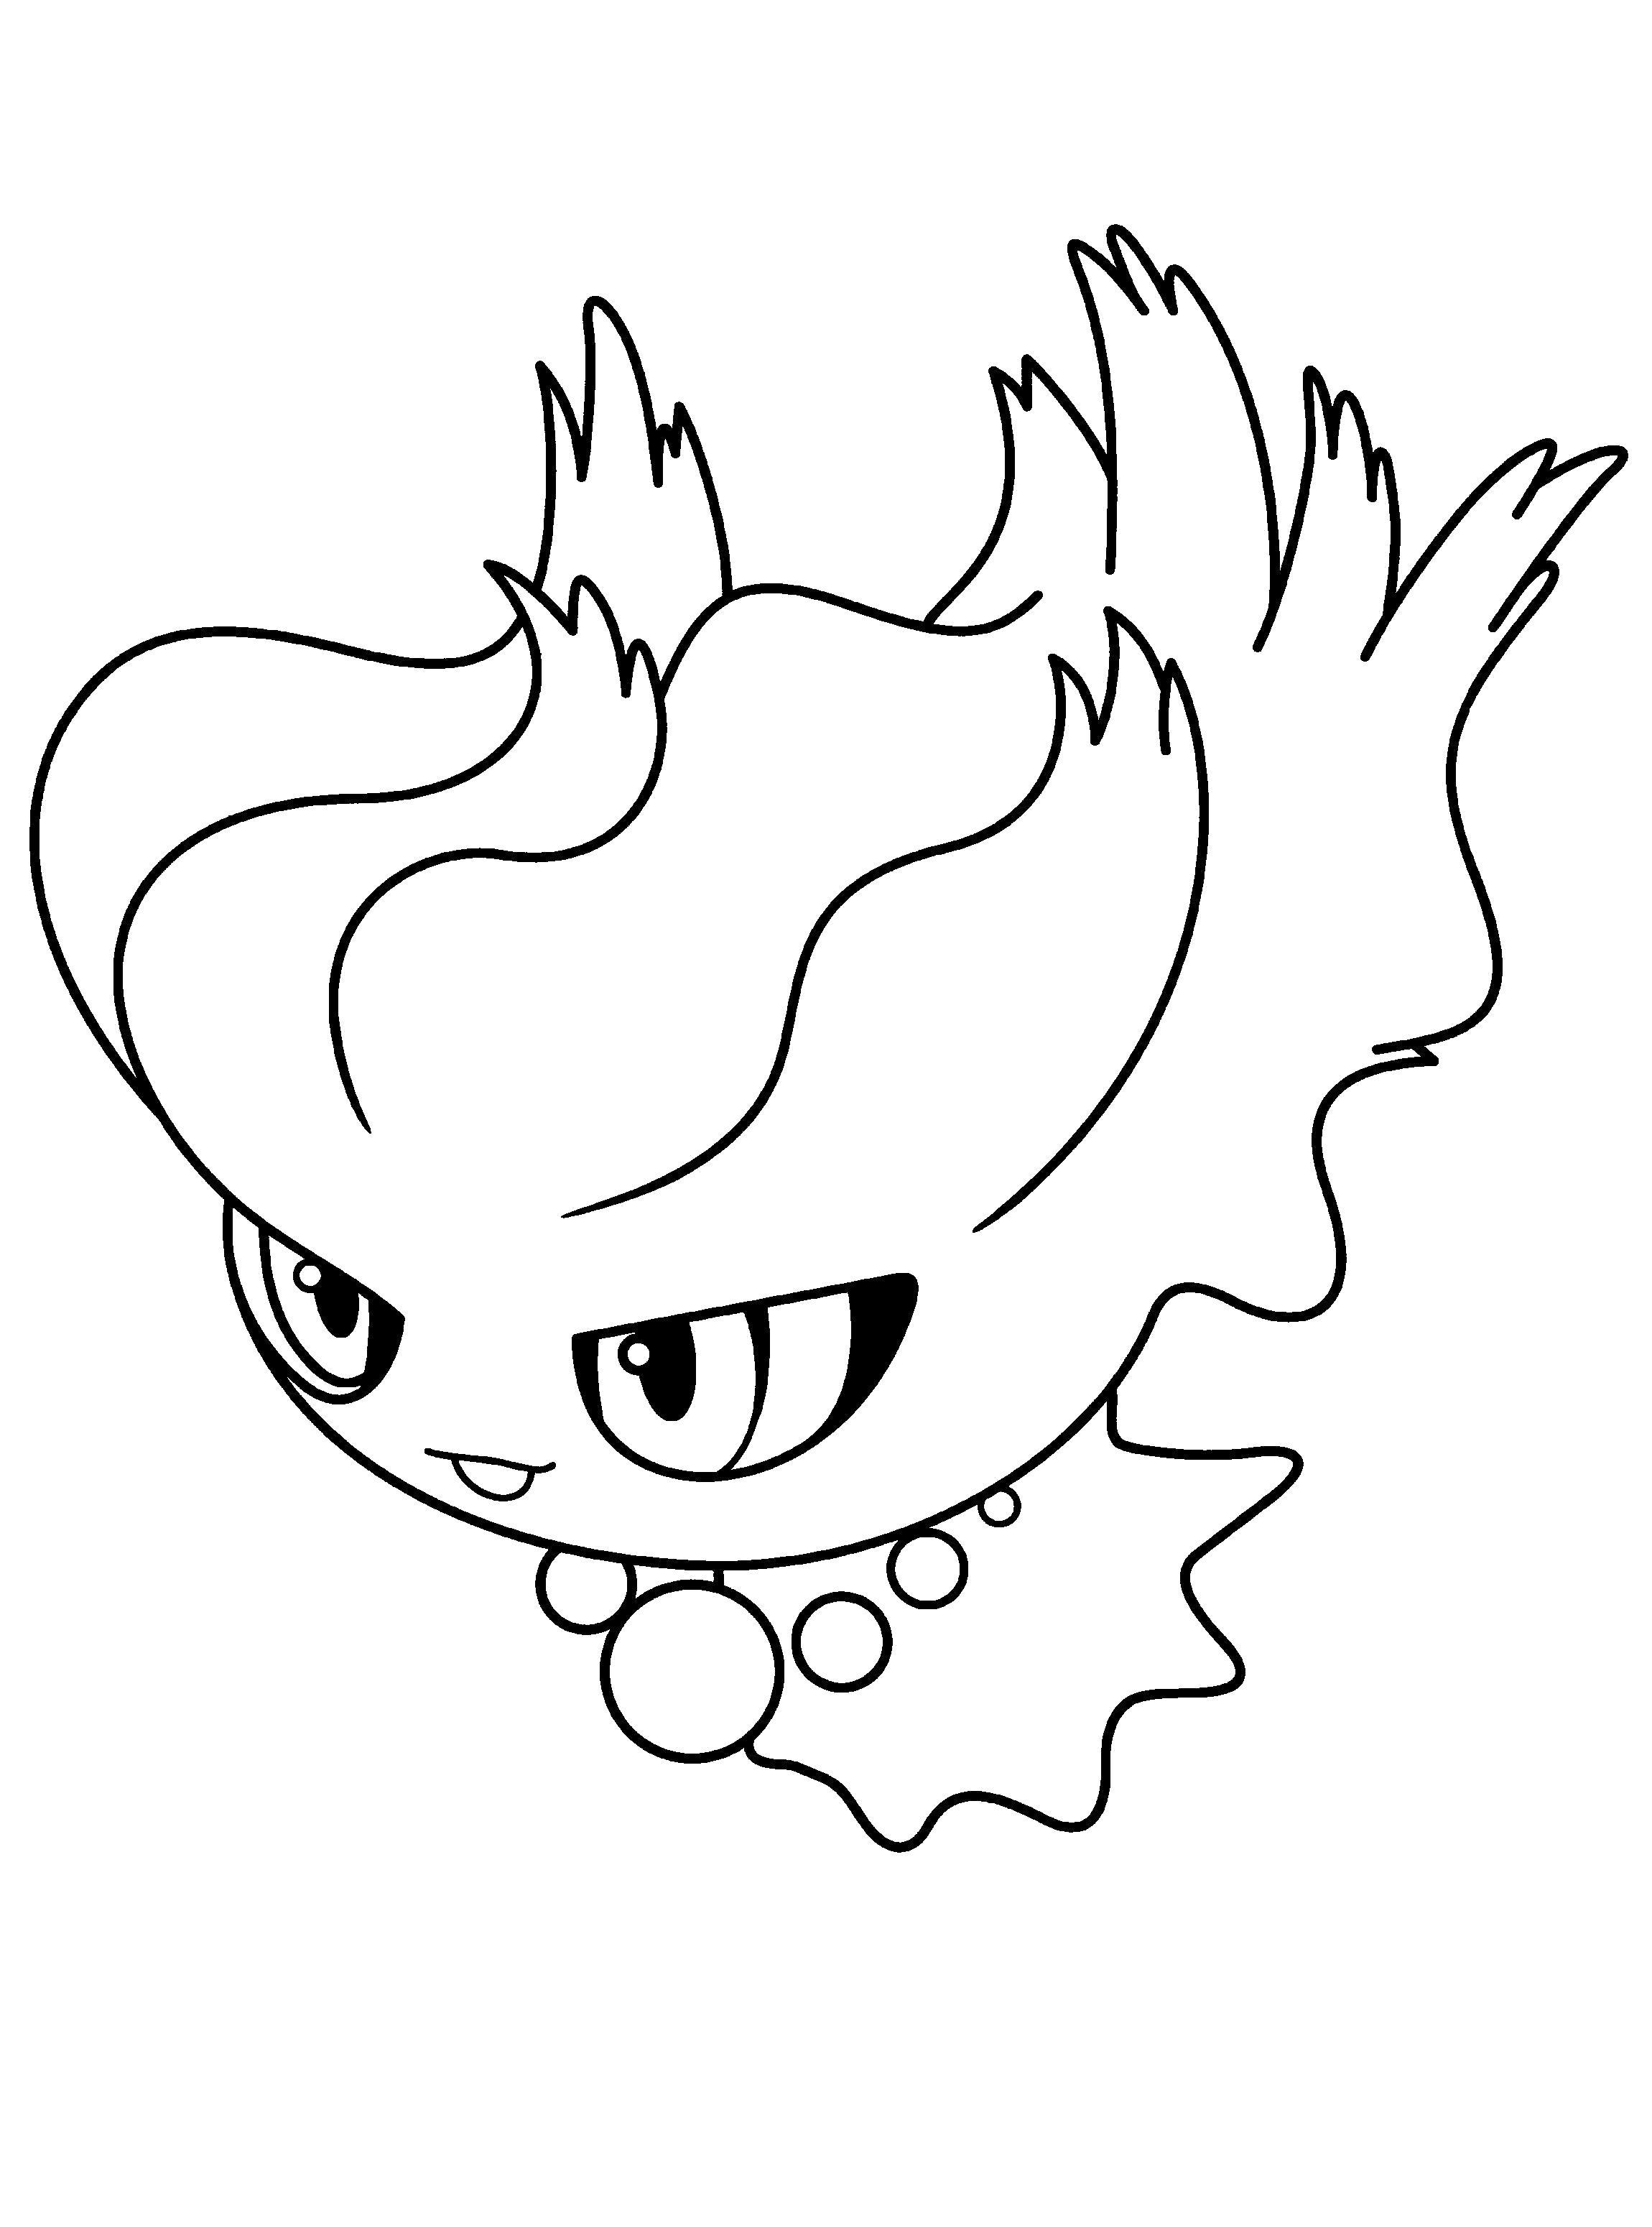 Раскраска Милый покемон. Скачать покемон.  Распечатать покемон